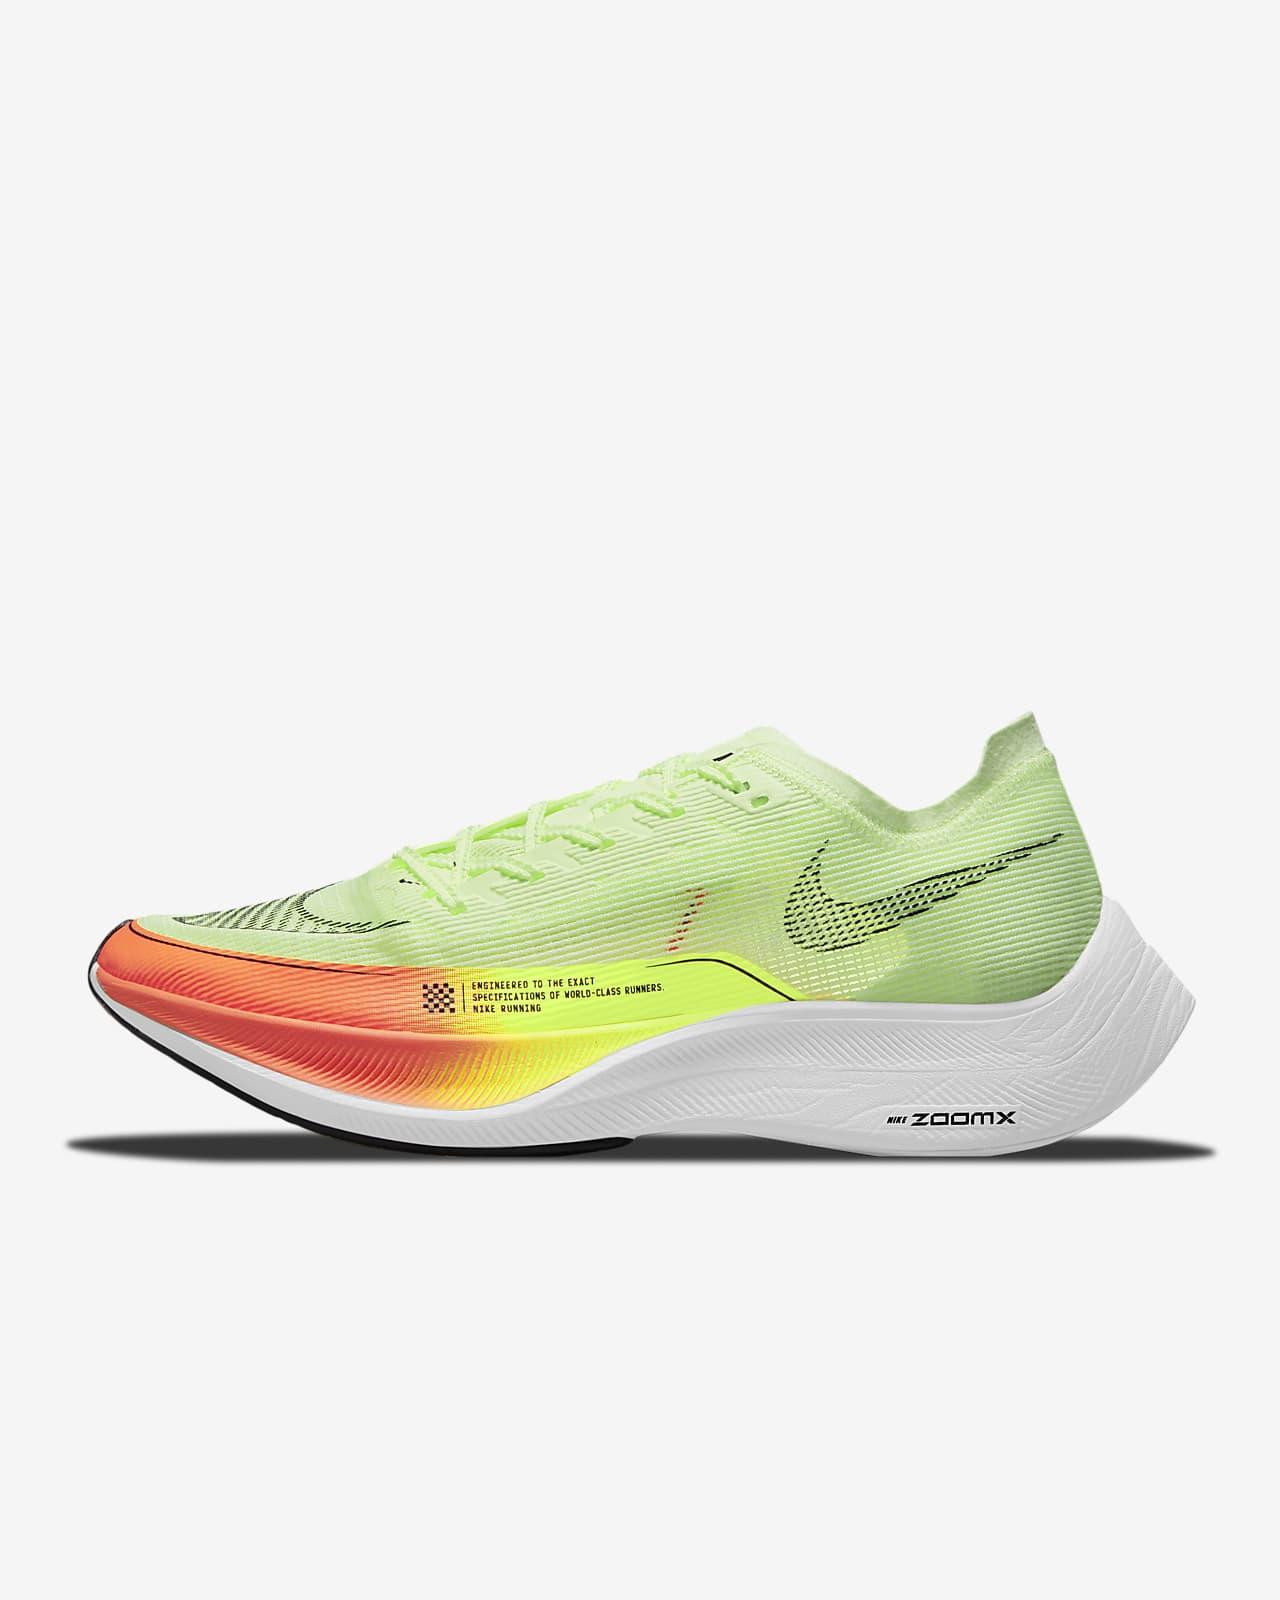 Tävlingsskor för väg Nike ZoomX Vaporfly Next% 2 för män